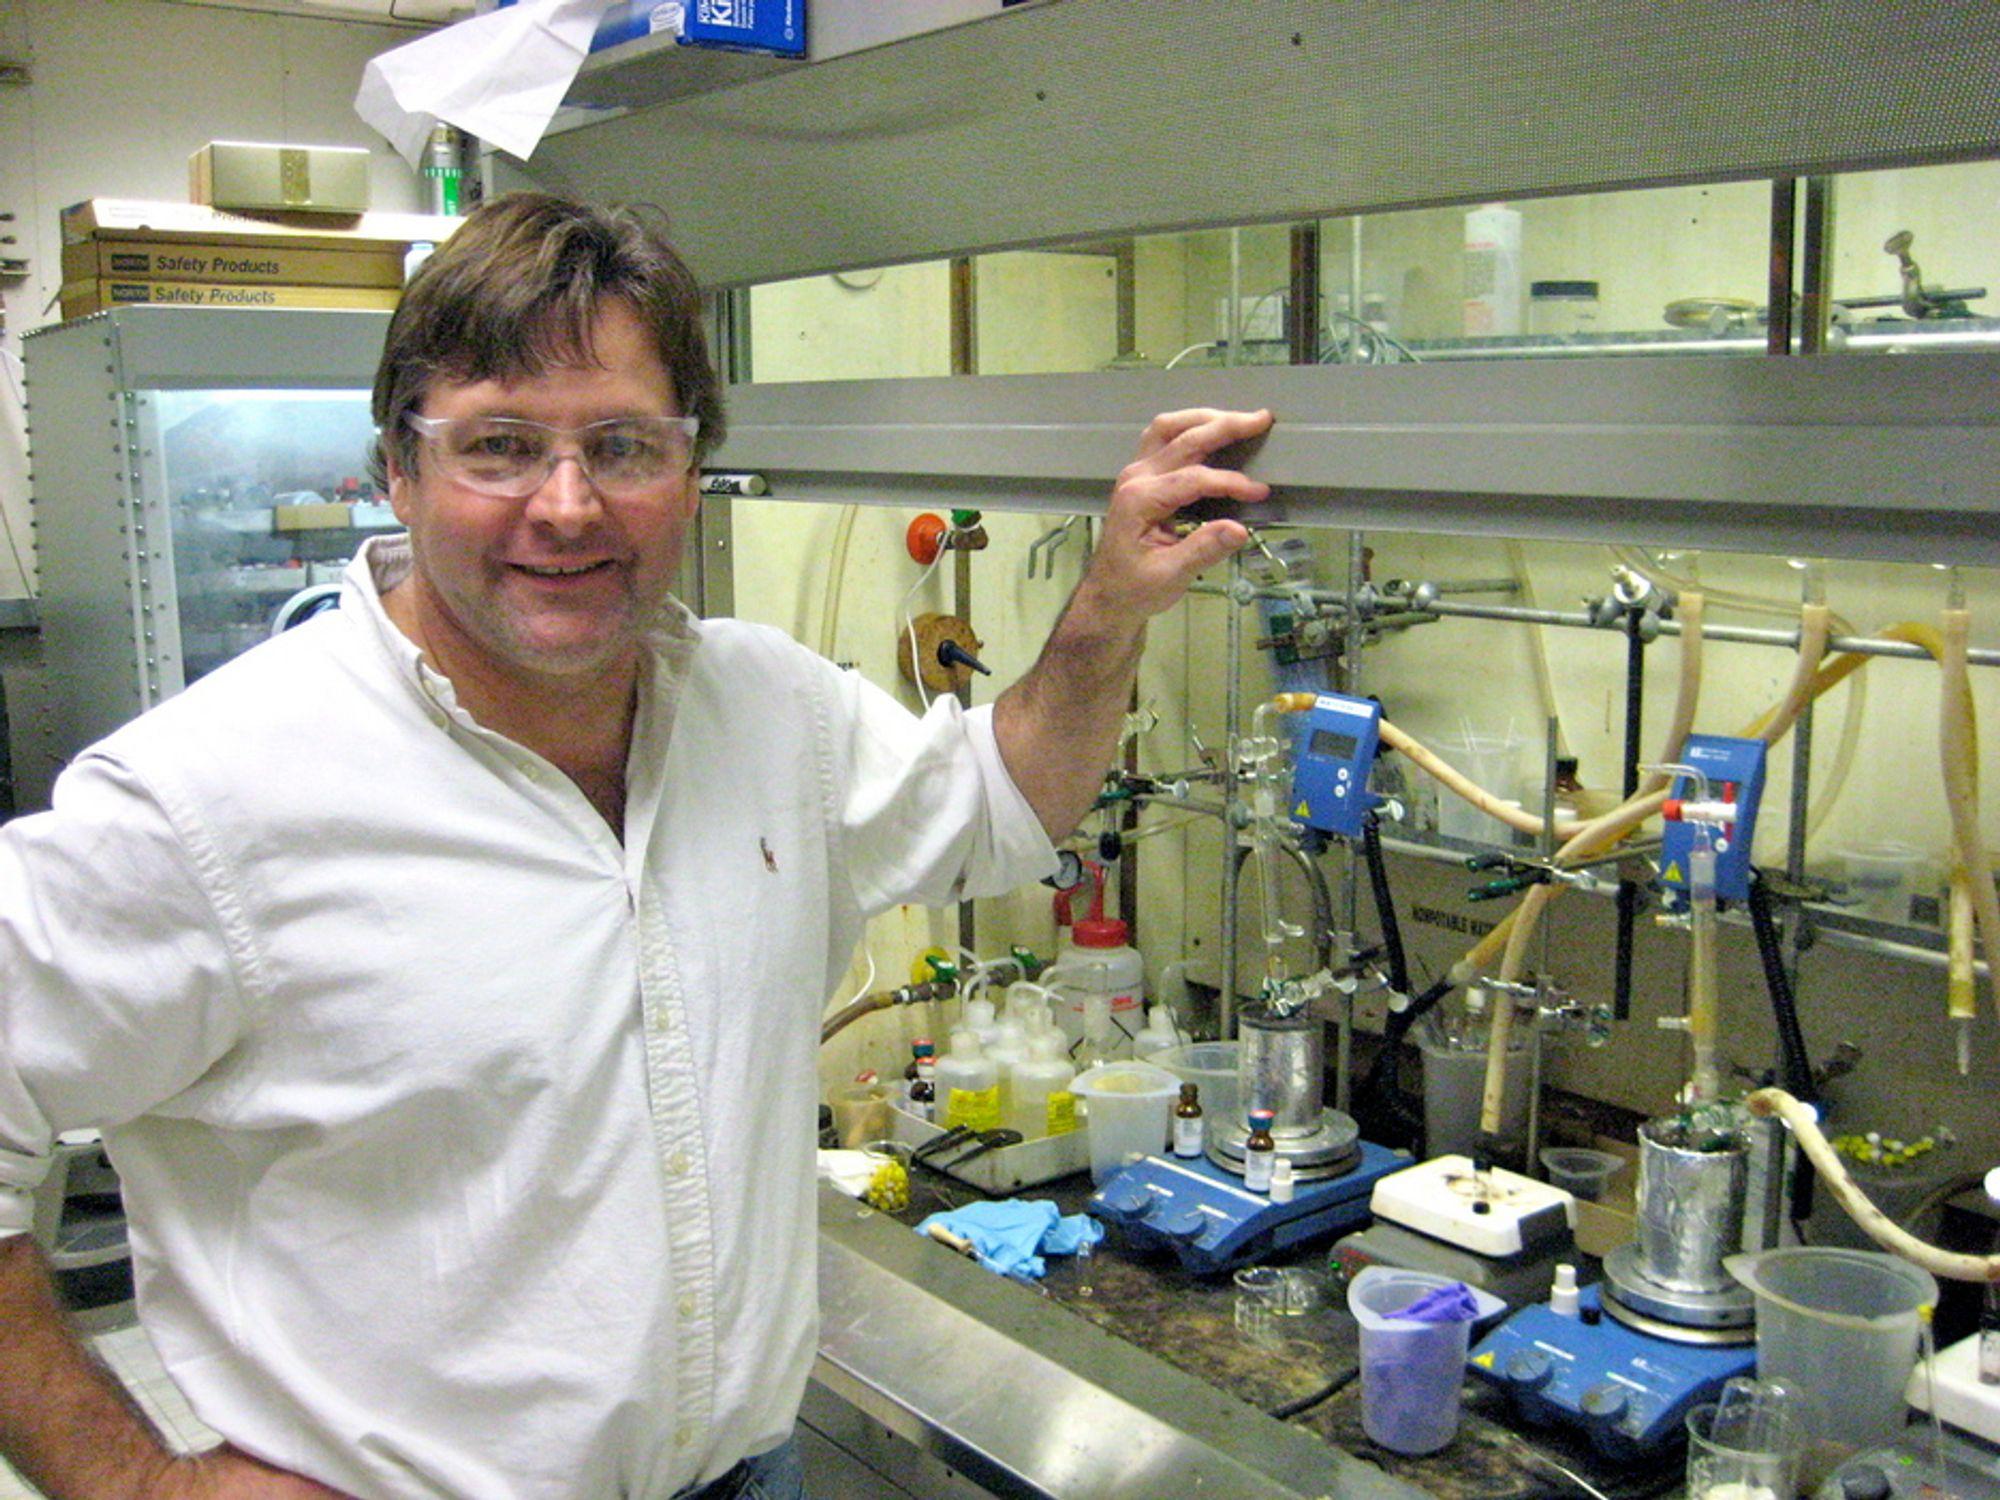 """BAKTERIEDREPER: Dr. James Hedrick forsker på avanserte organiske materialer ved IBMs forskningssenter Almaden. Han og samarbeidsaprtnerne kan ha funnet mikrobiologiens """"hellige gral"""", hvordan man skal knekke resistente bakterier. Senere er målet å ta knekken på virus og andre sykdomsfremkallende organsimer."""